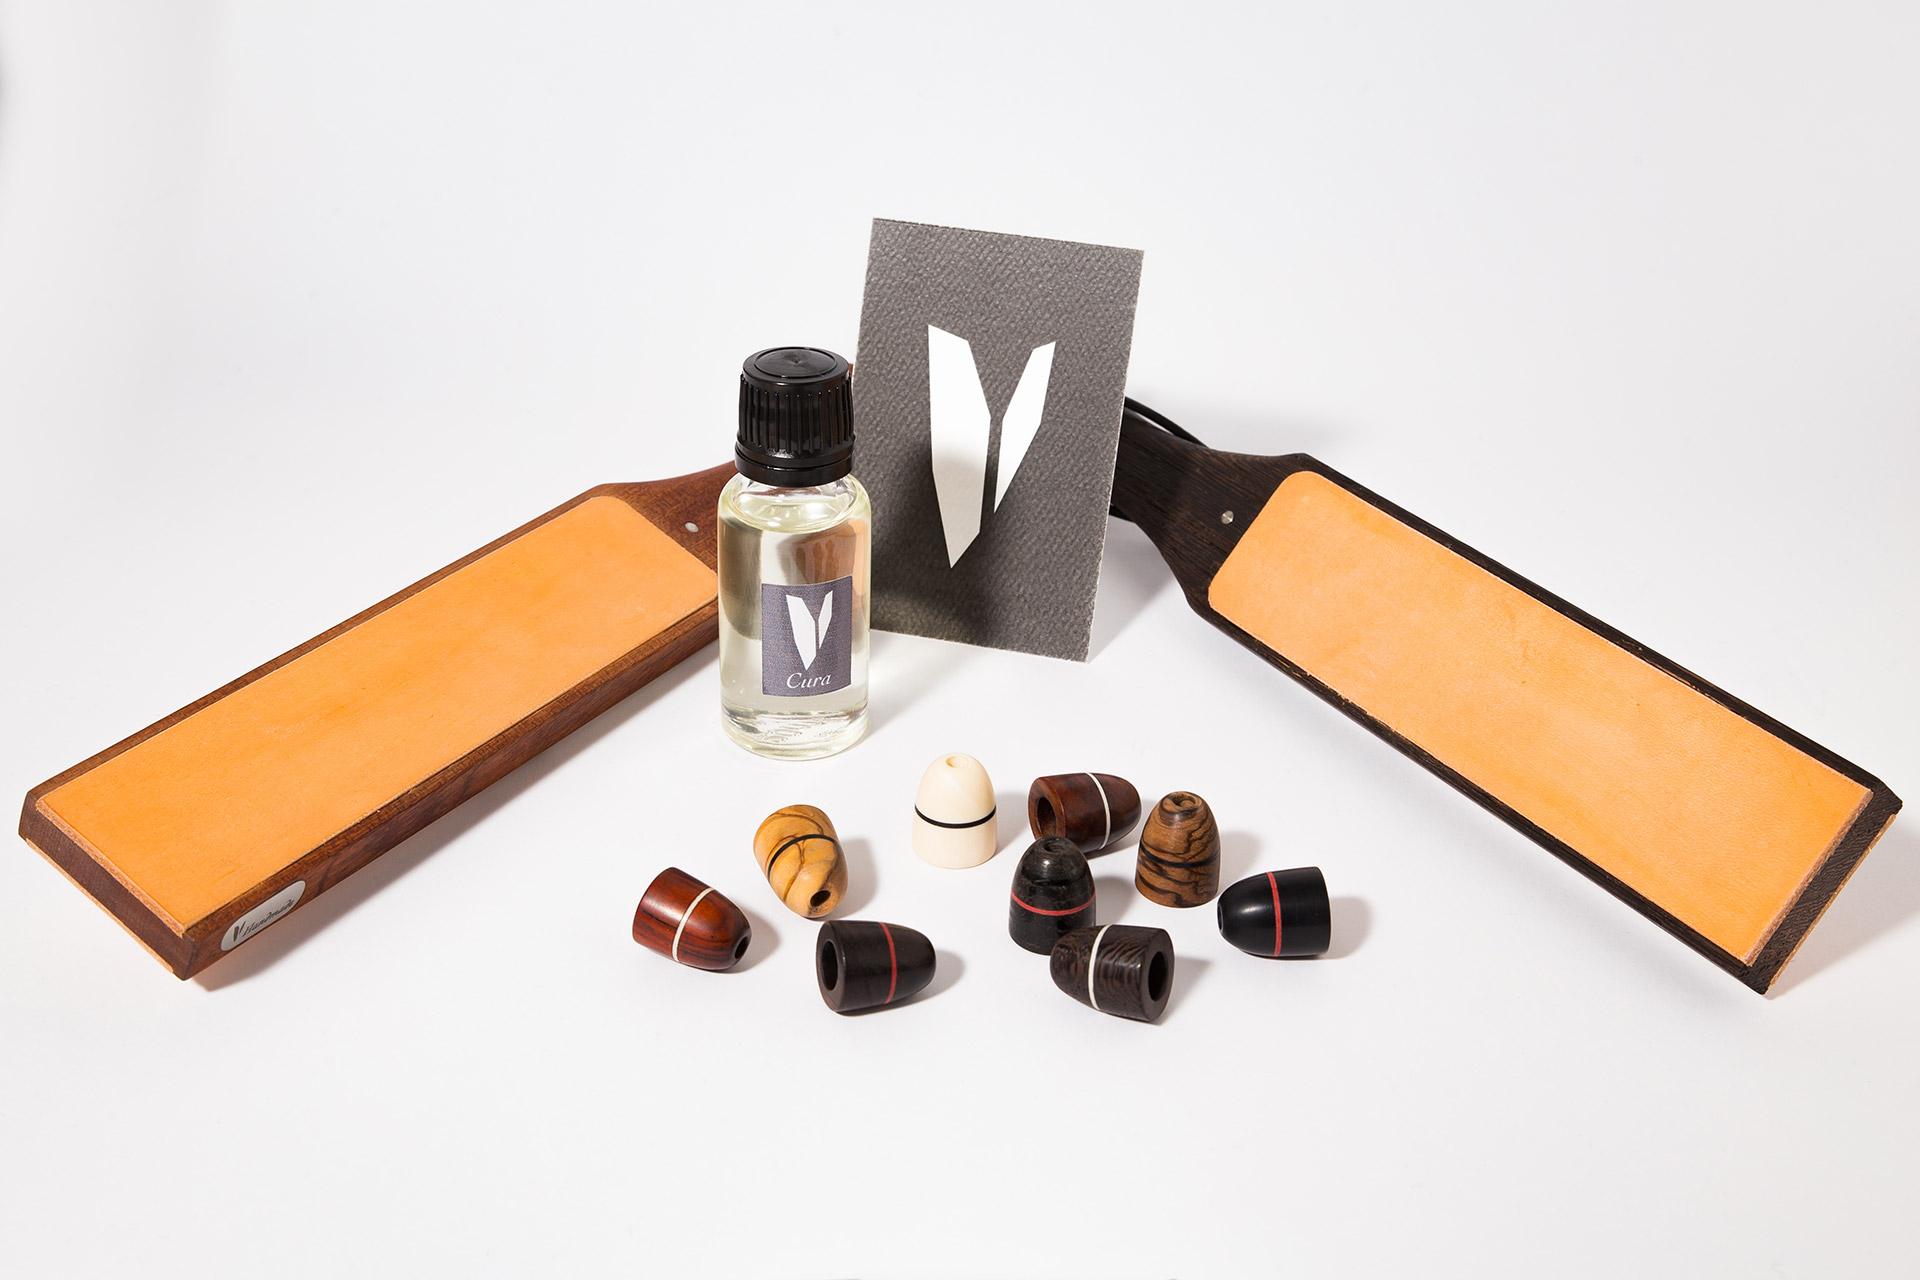 Accessoire - Volgger Handmade Knives